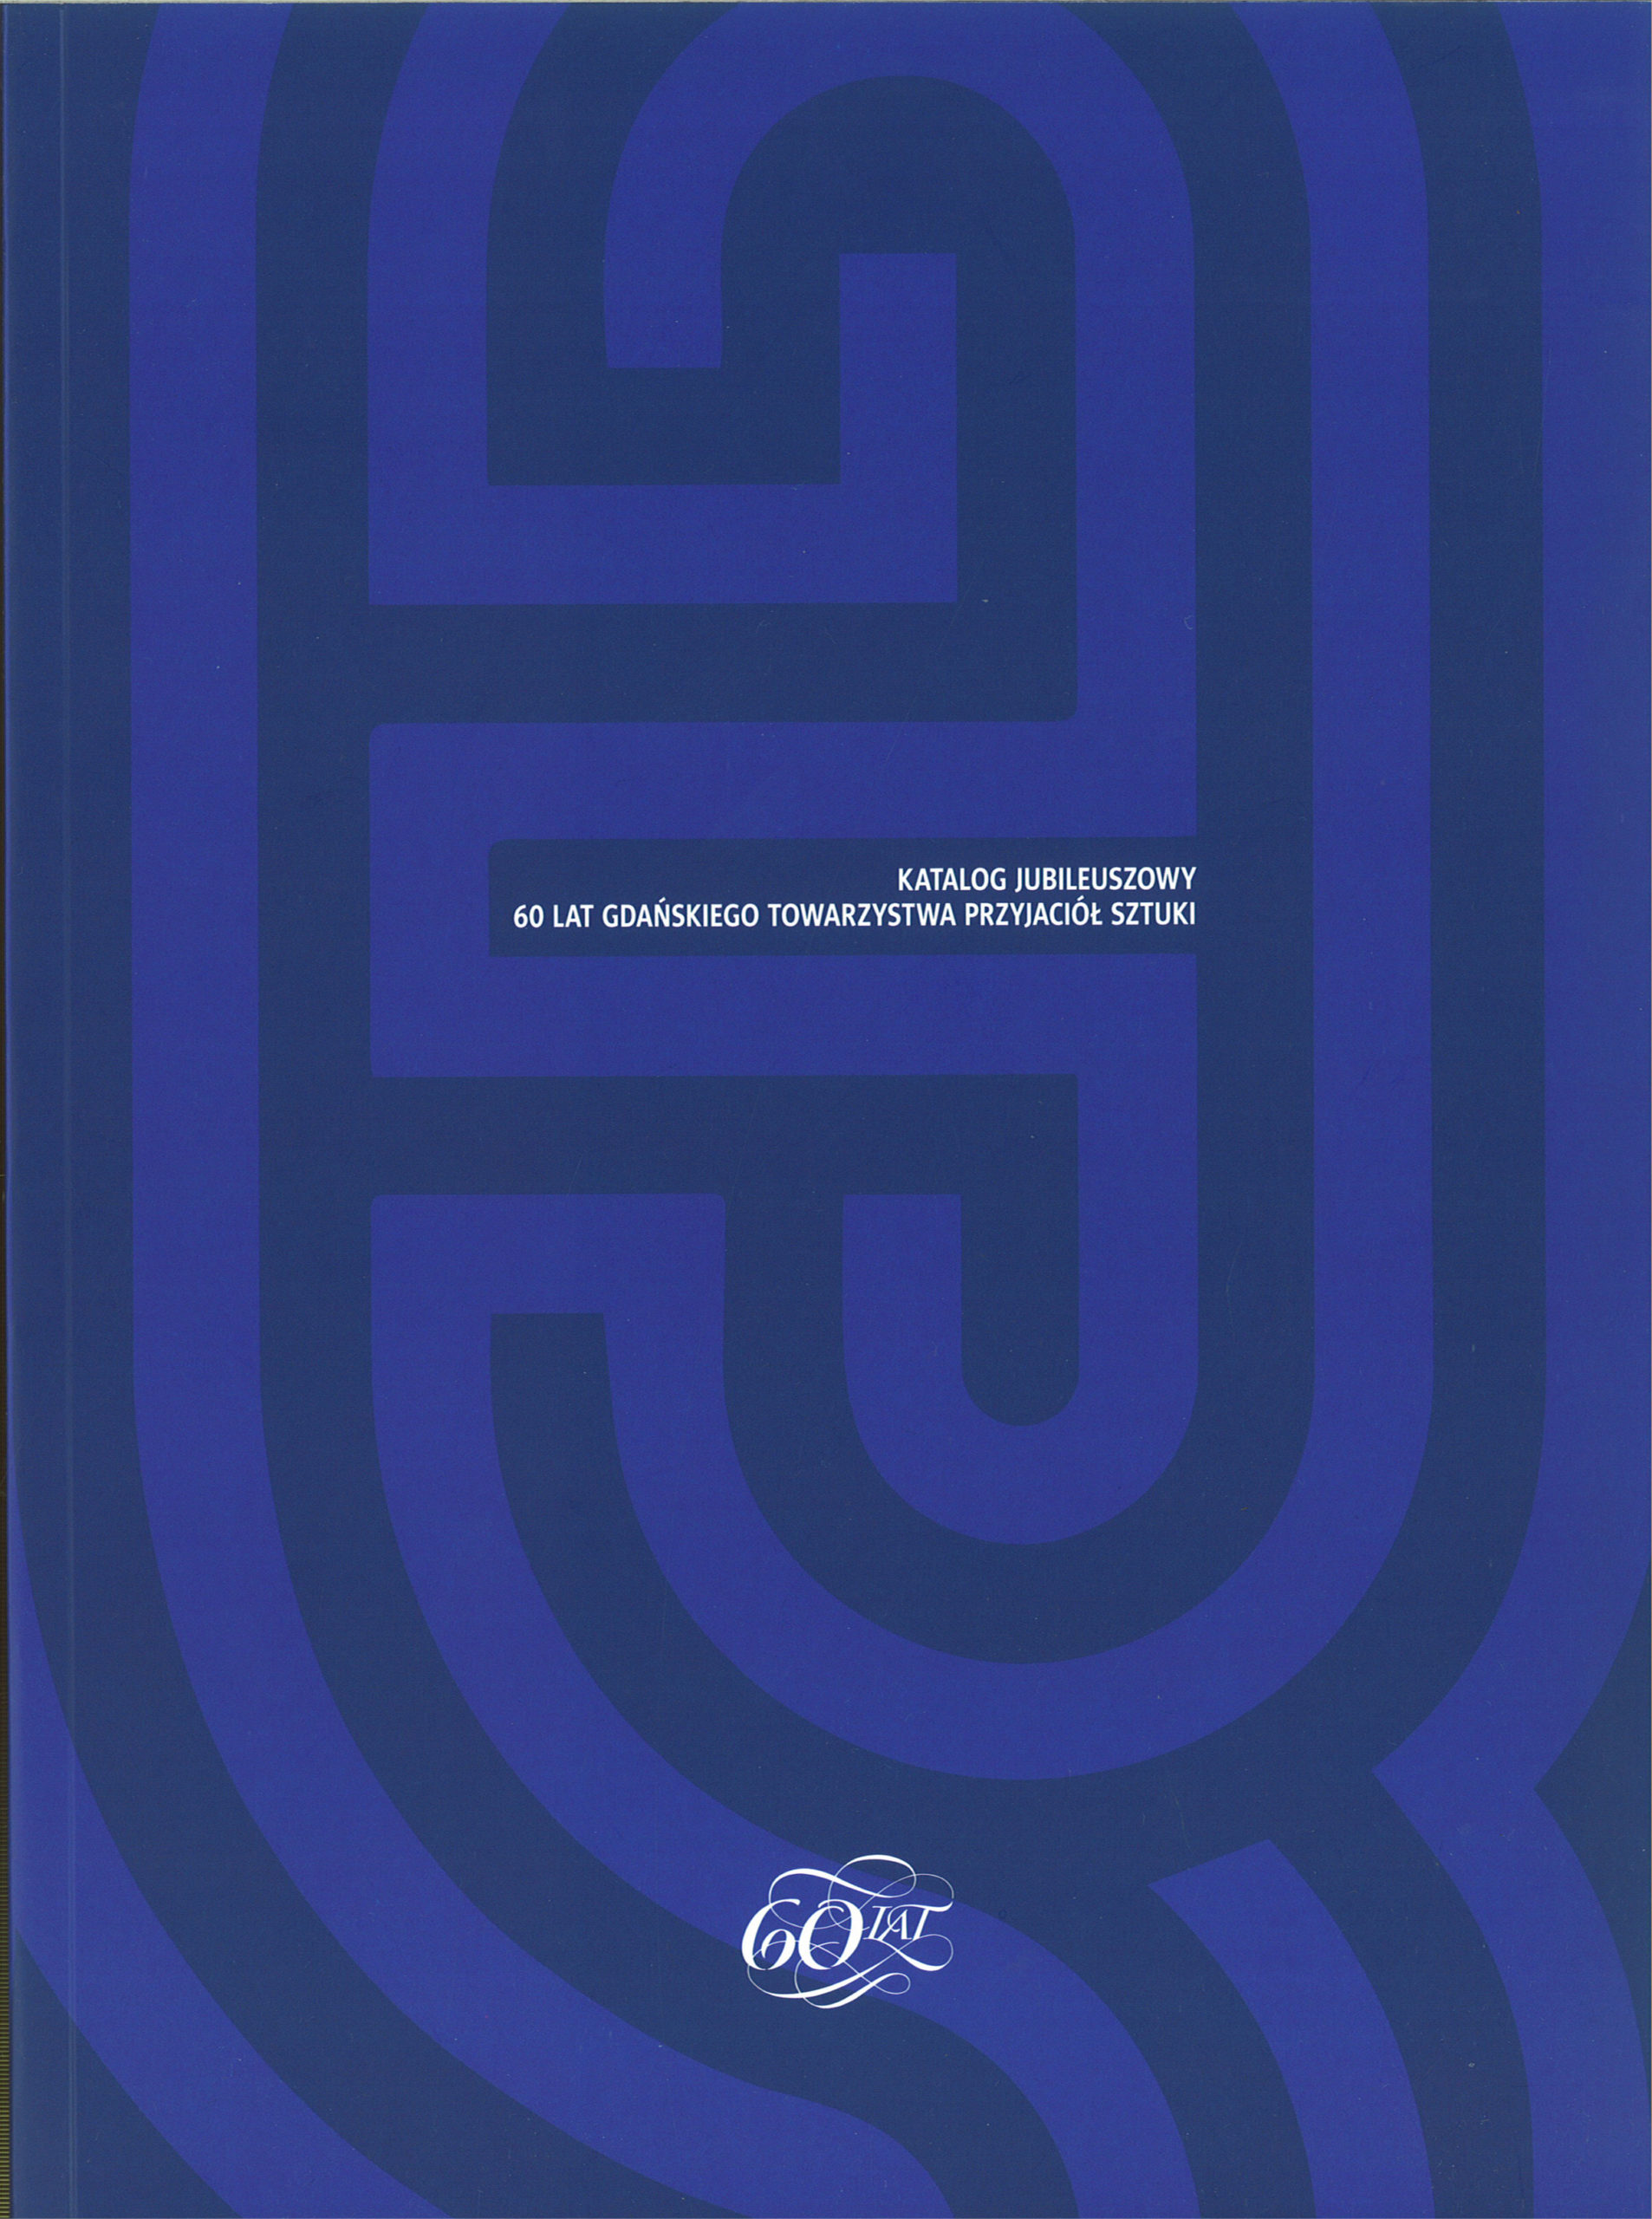 Katalog jubileuszowy - 60 lat GTPS 2018